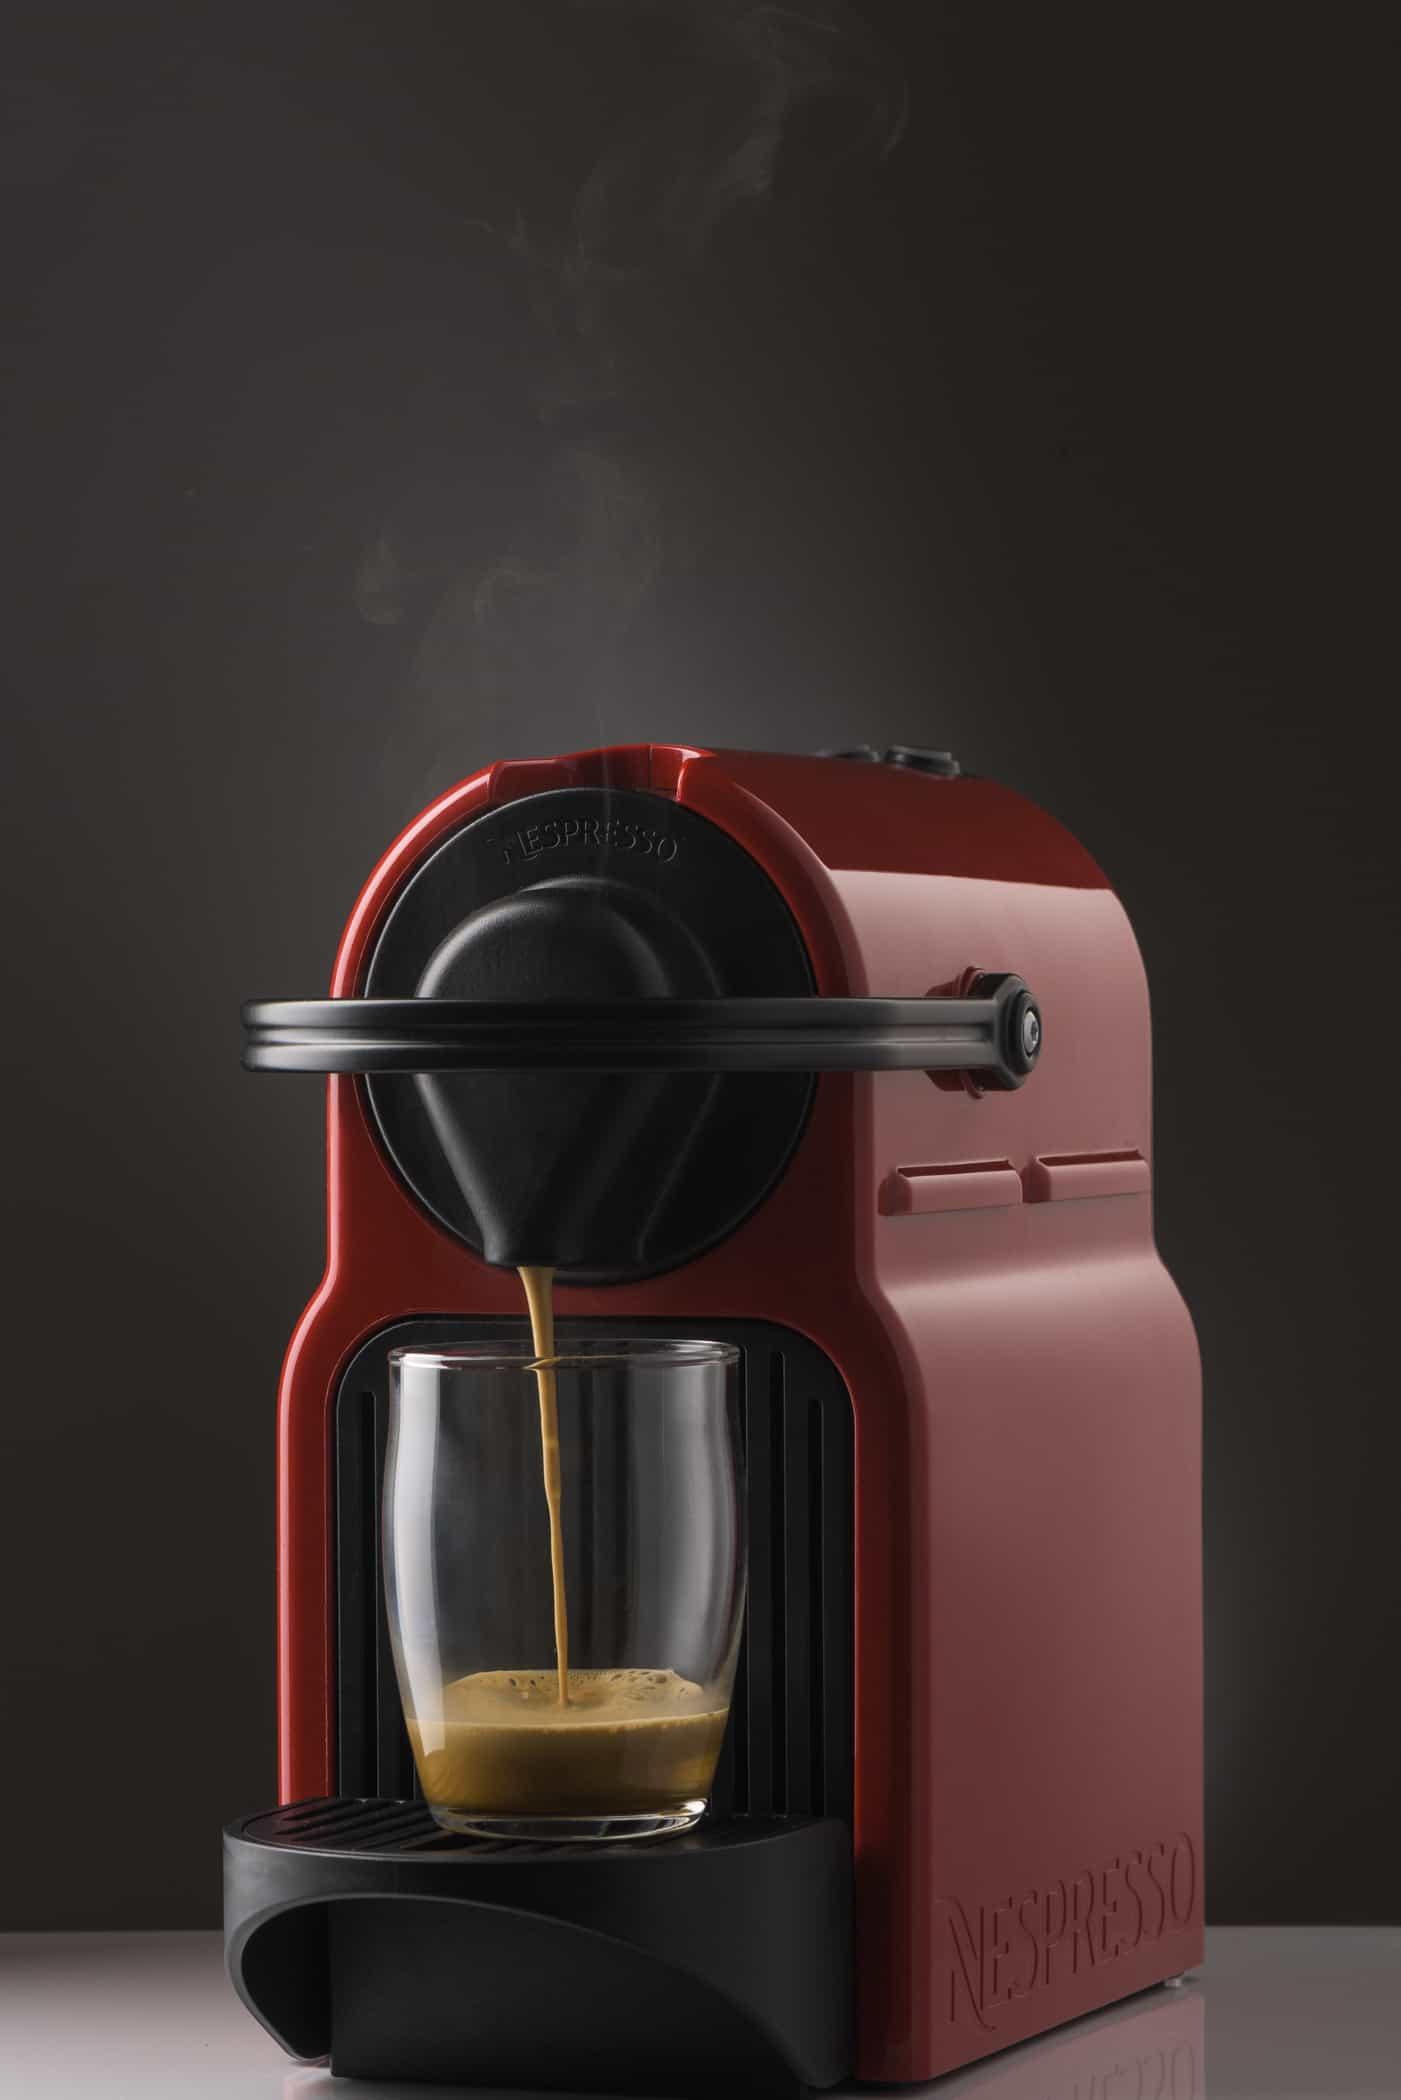 red nespresso machine pouring an espresso shot